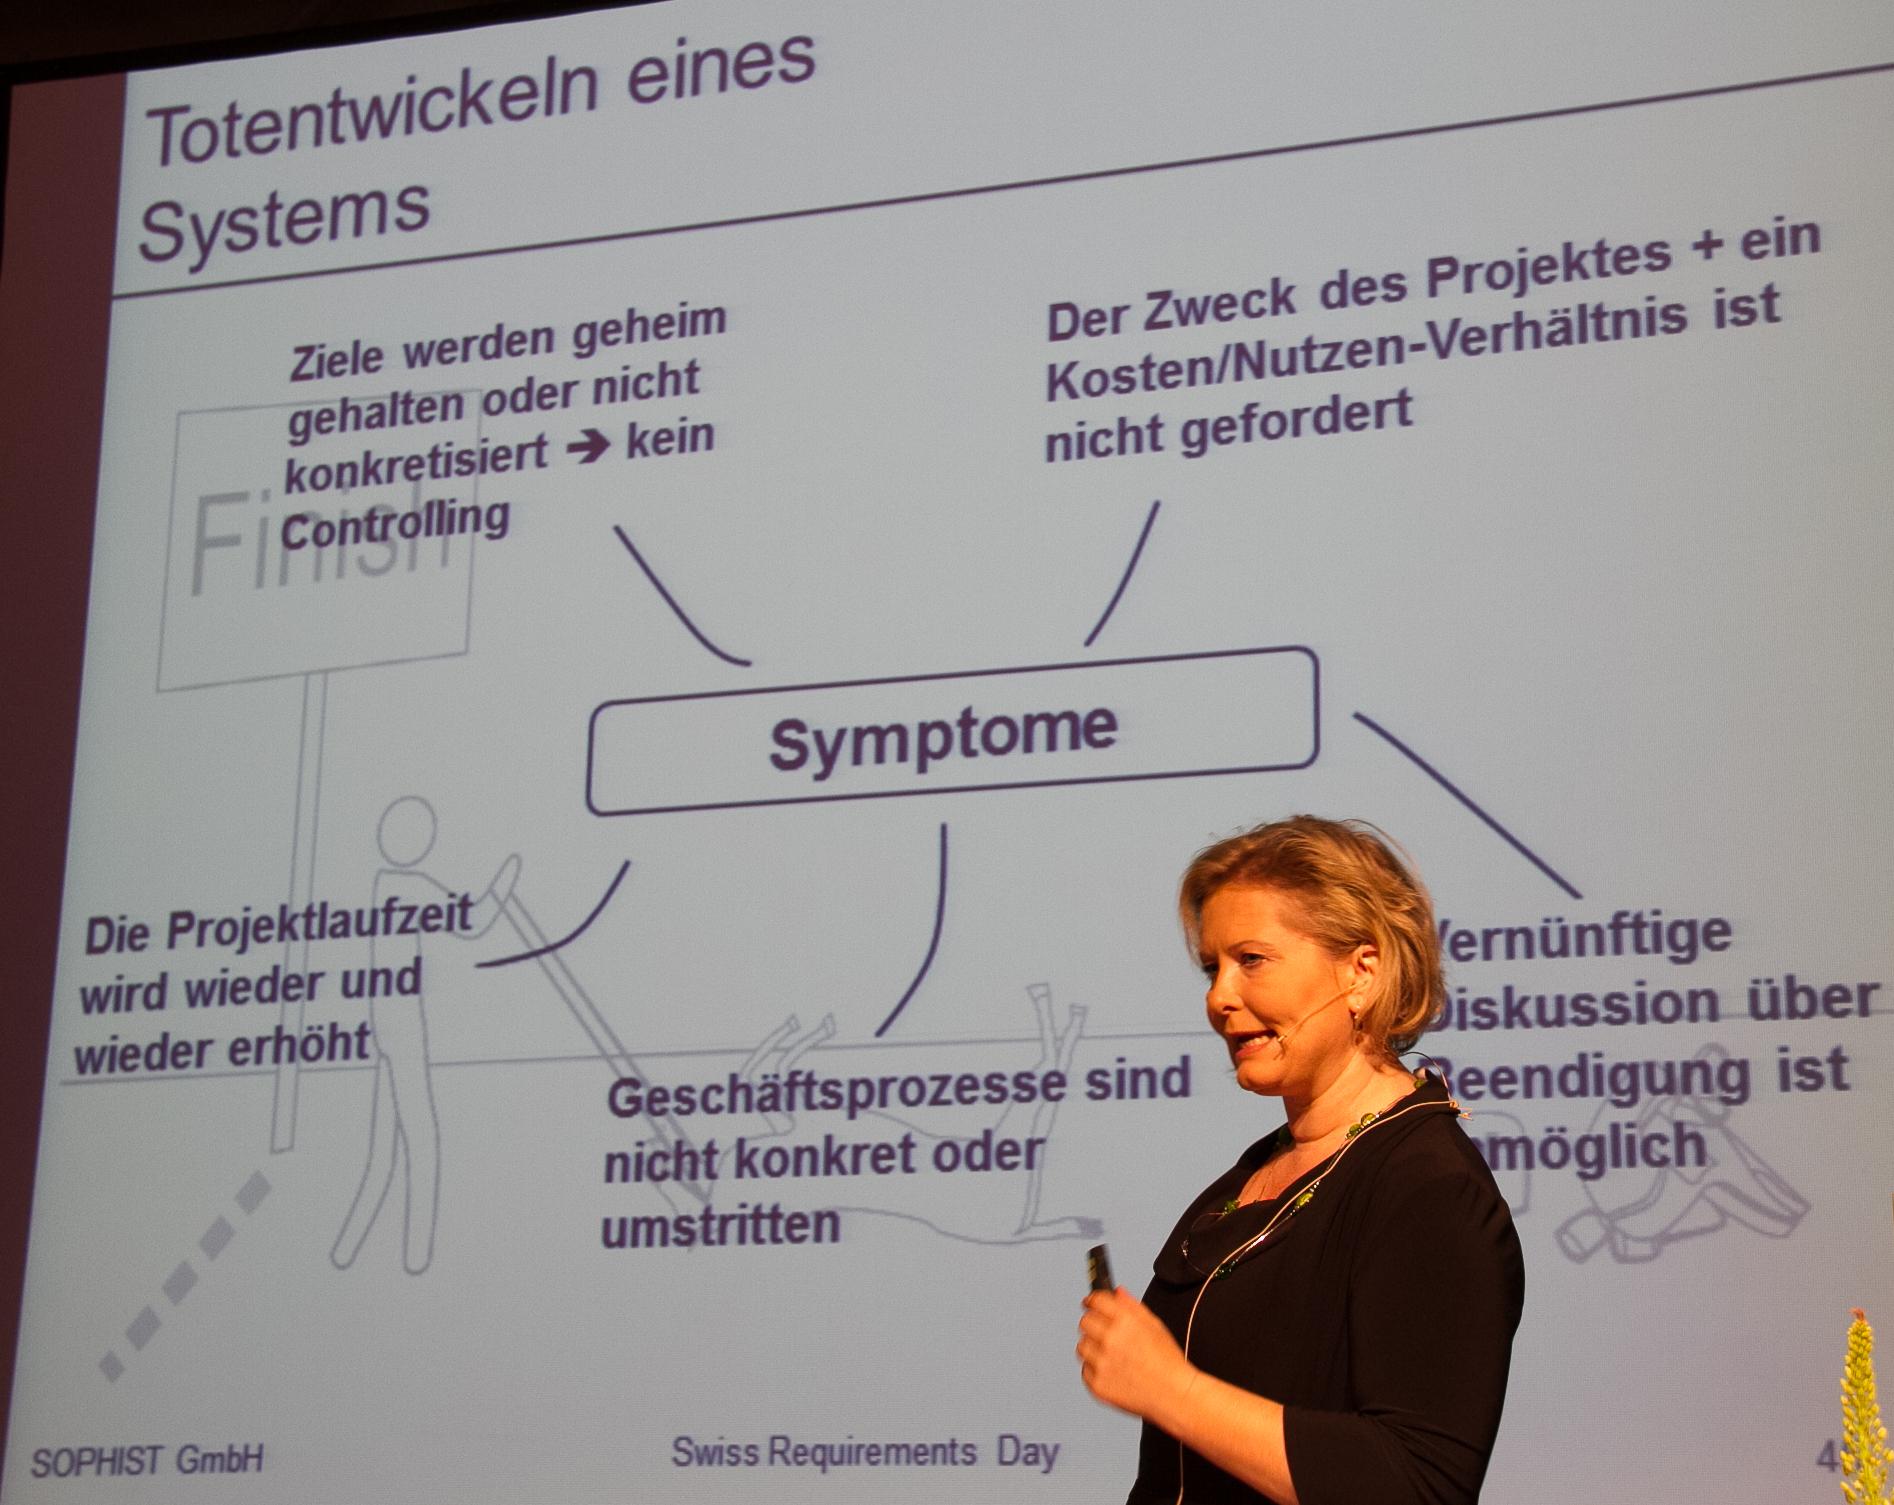 Chris Rupp: Totentwickeln eines Systems (Vortrag-Slides)